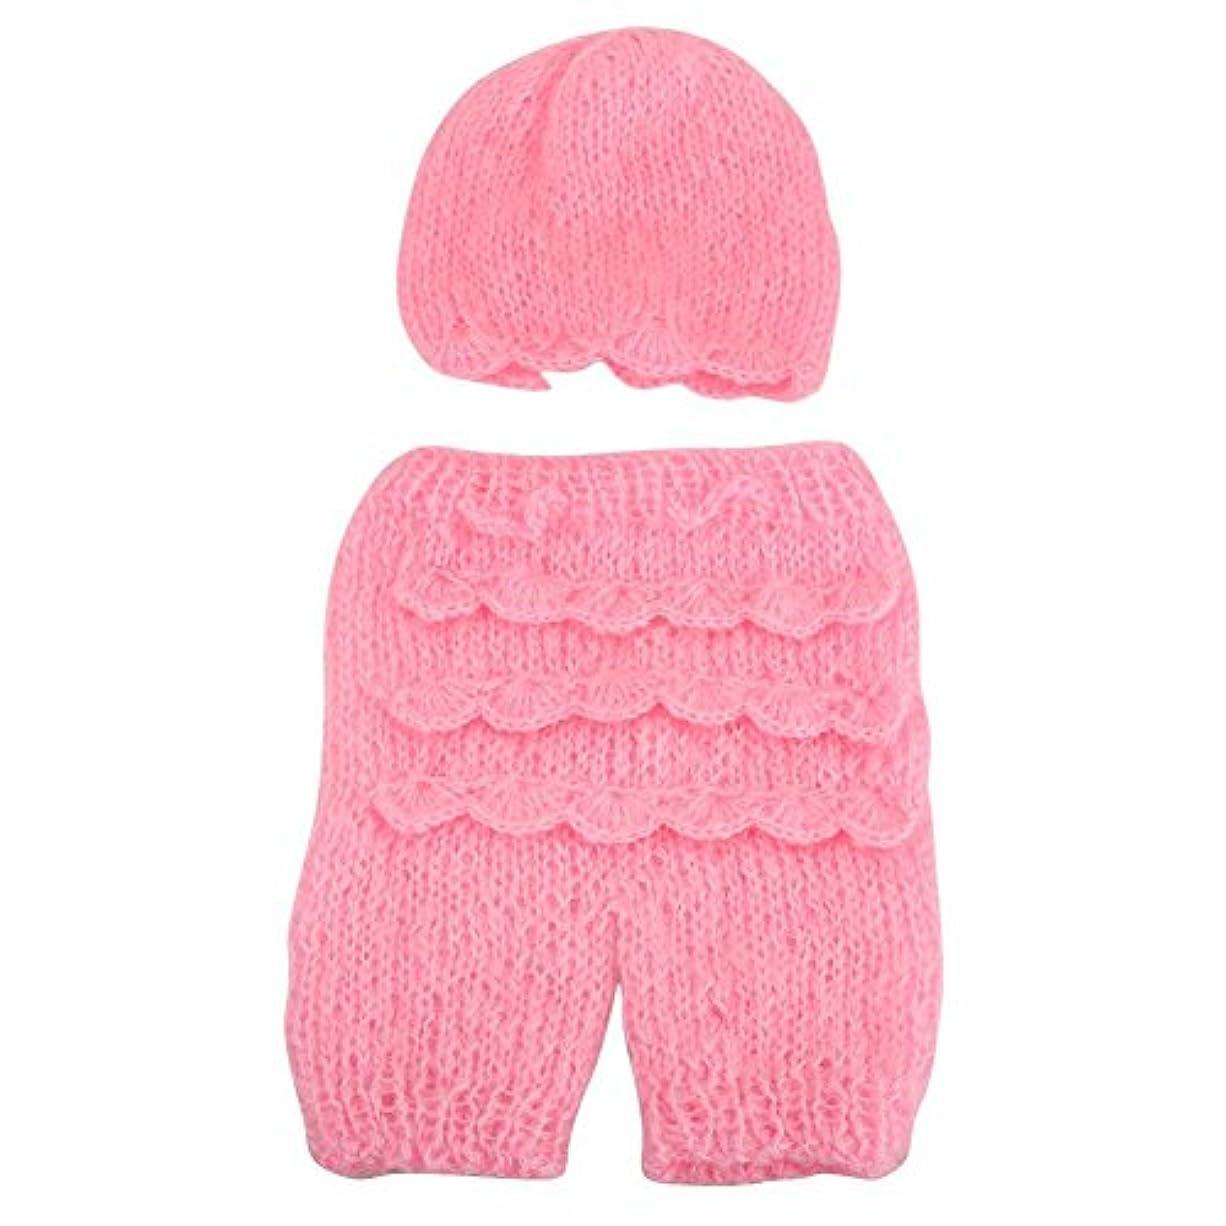 ギャラリー噴出する中央2個のカラフルなモヘア新生児の写真プロップ赤ちゃんの幼児寝巻のソフトラップコスチュームハット+植物のベビーパンツのニット写真のアクセサリー(ピンク)